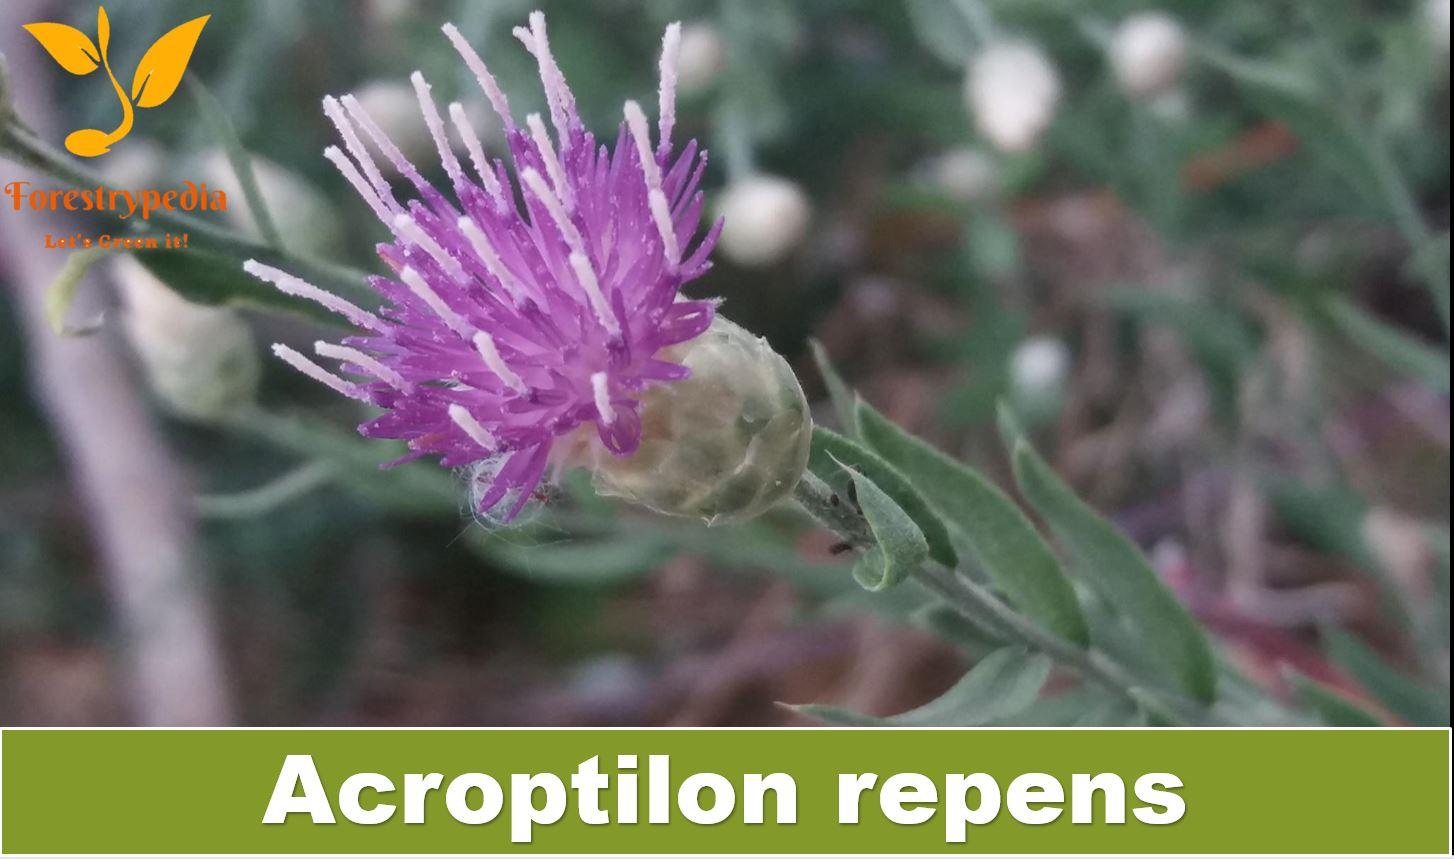 Acroptilon repens